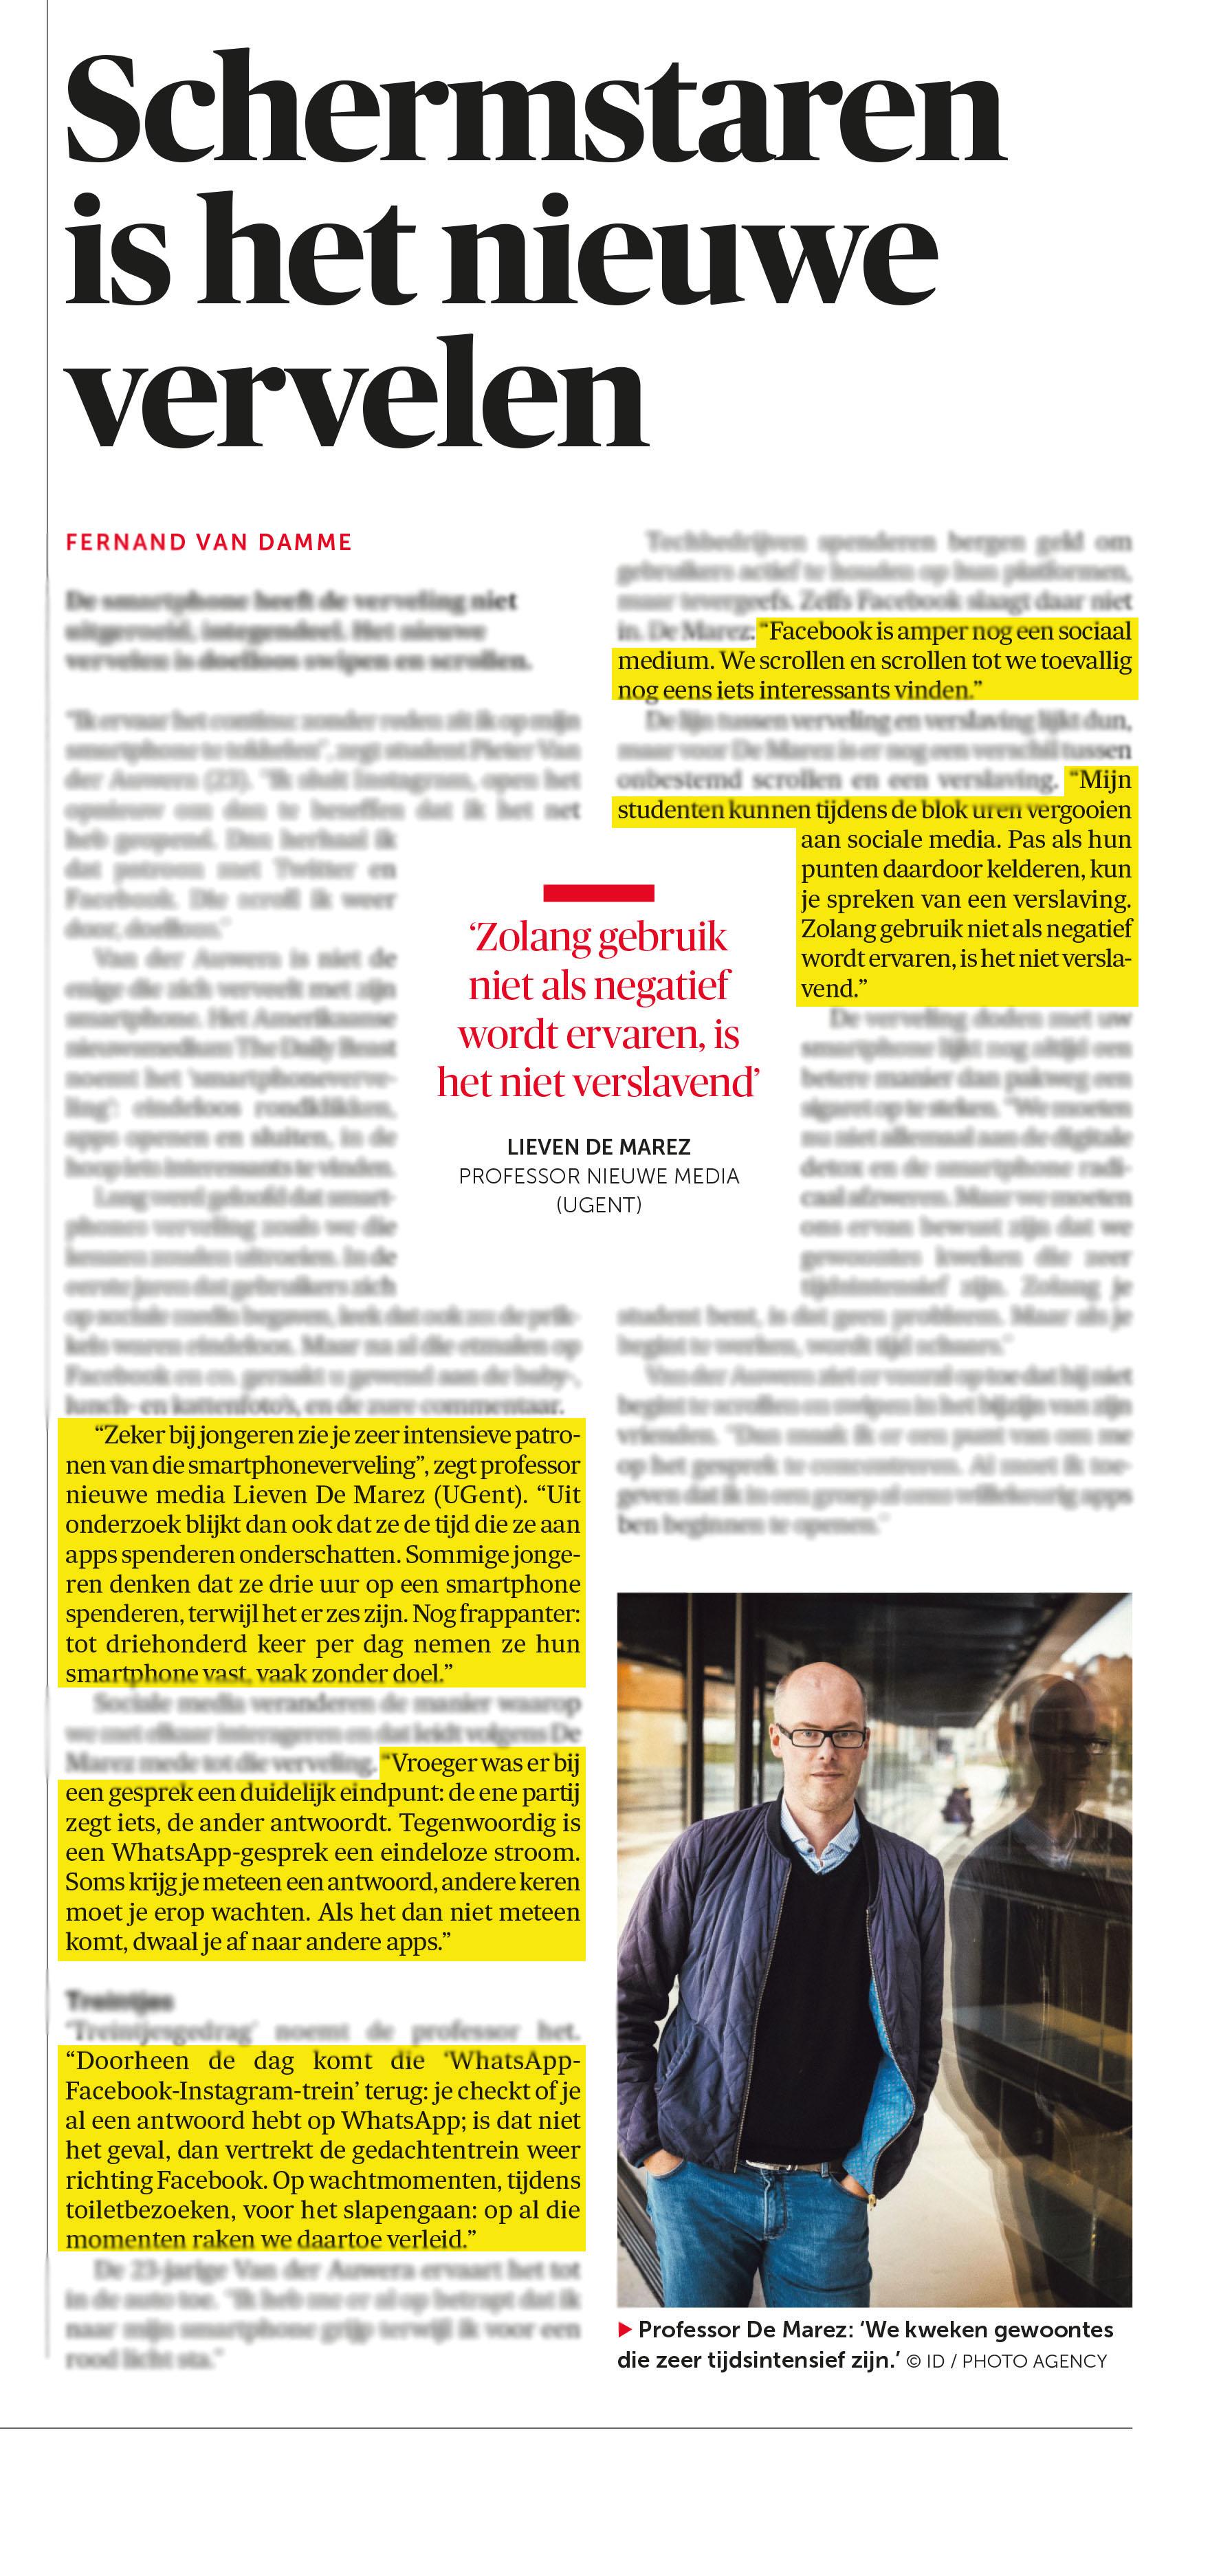 BRON: De Morgen, 6/4/2018, p 9